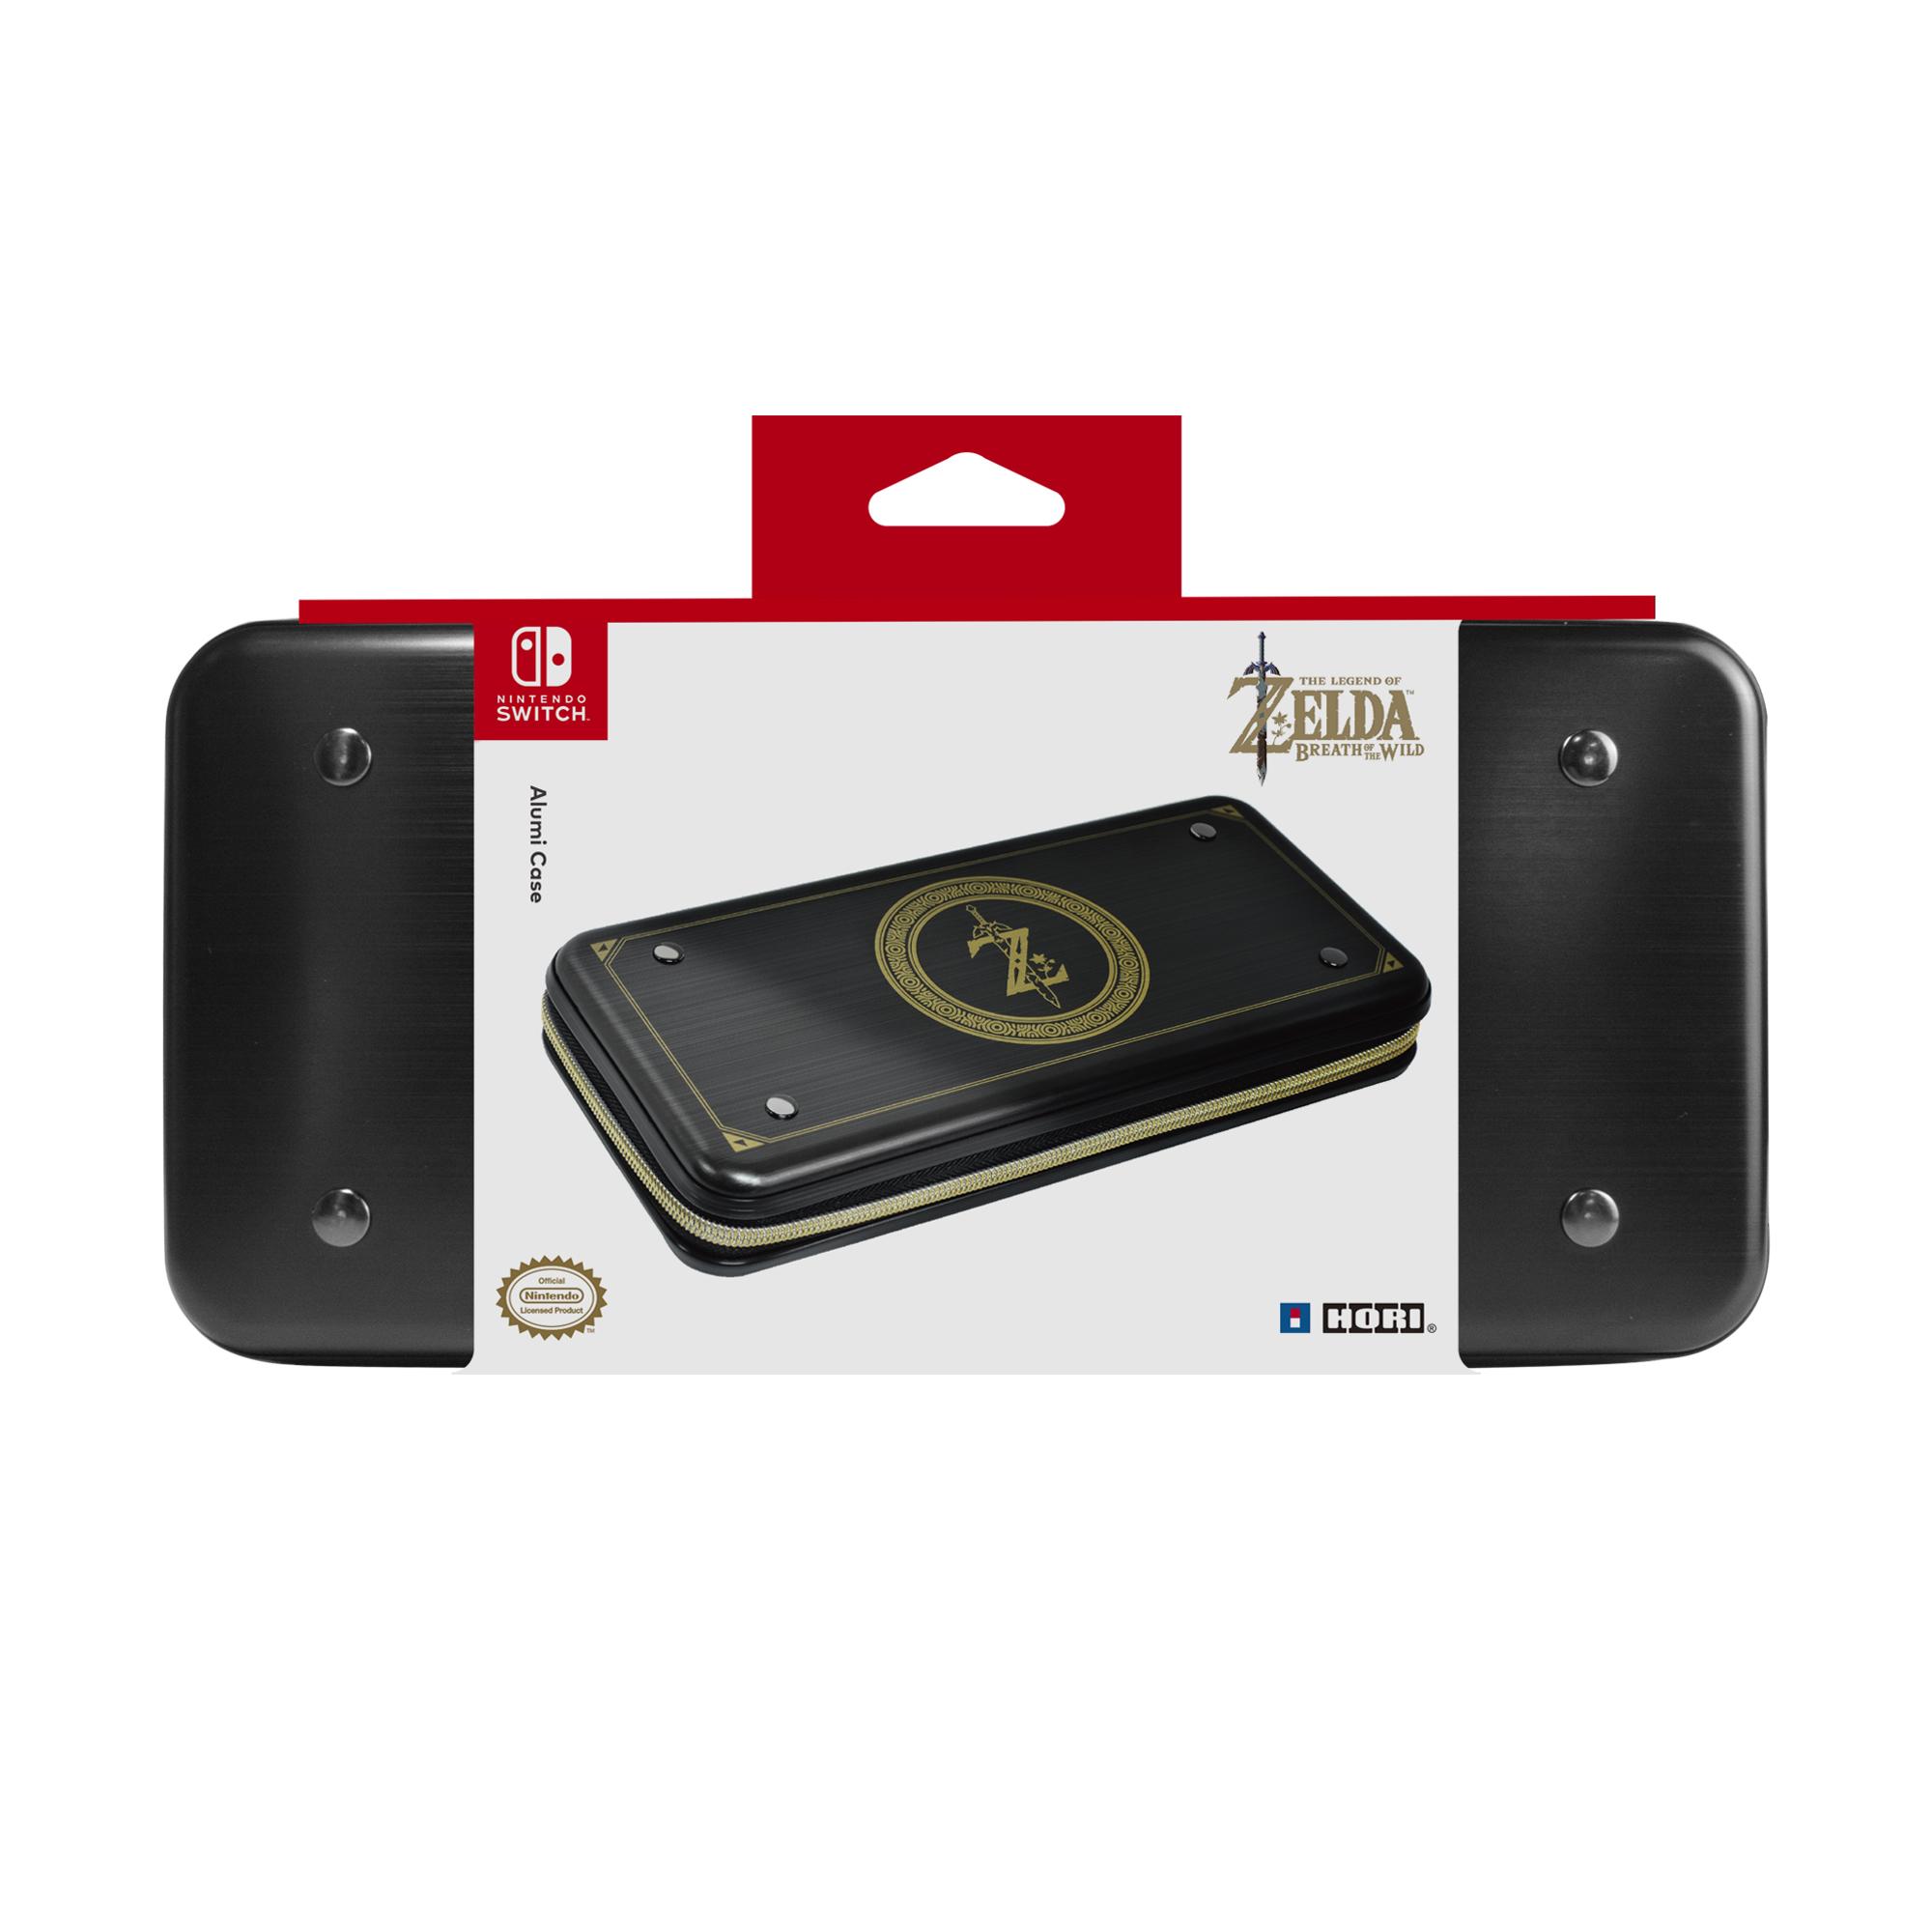 82a89cb5a0cb Nintendo Switch Защитный алюминиевый чехол Hori (Zelda) для консоли Switch ( NSW-091U